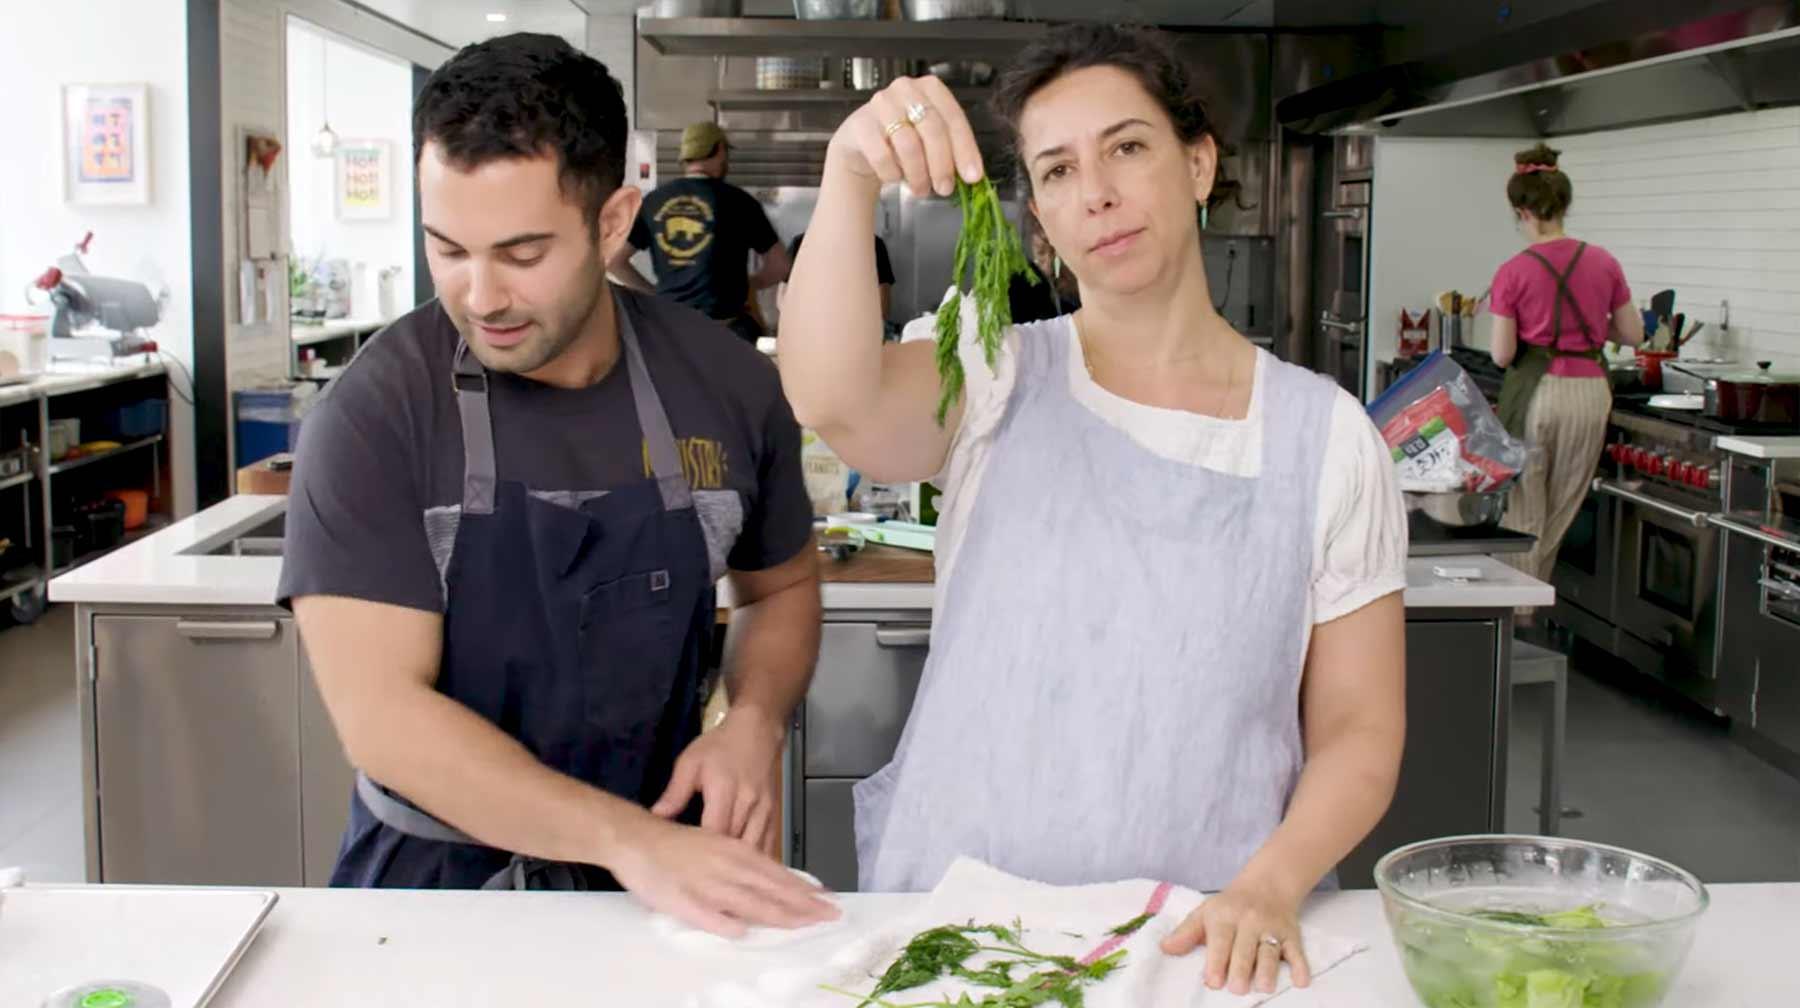 12 gängige Fehler in der Küche und Lösungen dafür